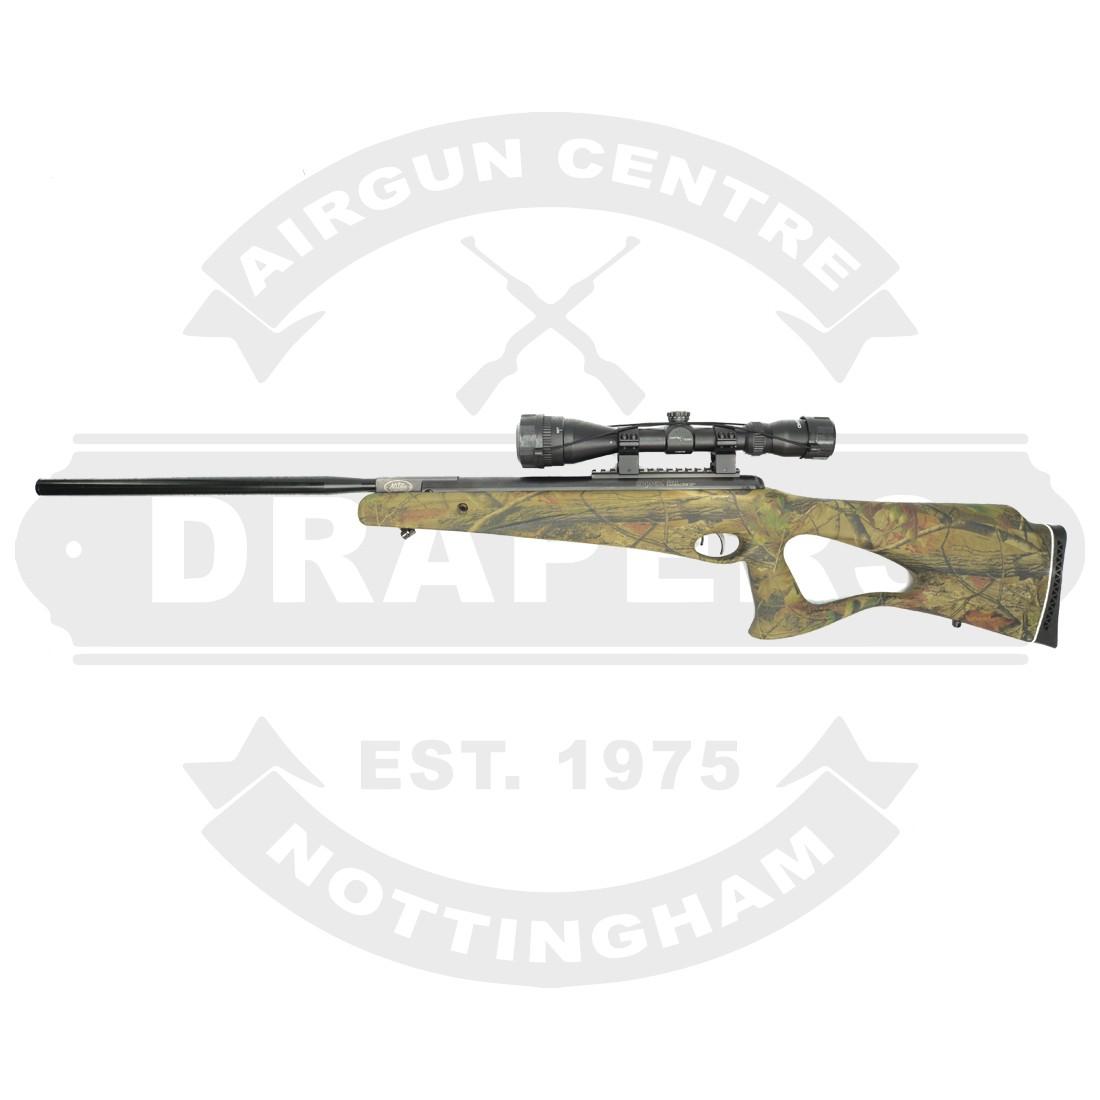 Benjamin Trail Nitro Piston Camo APG Stock  22 - Airguns